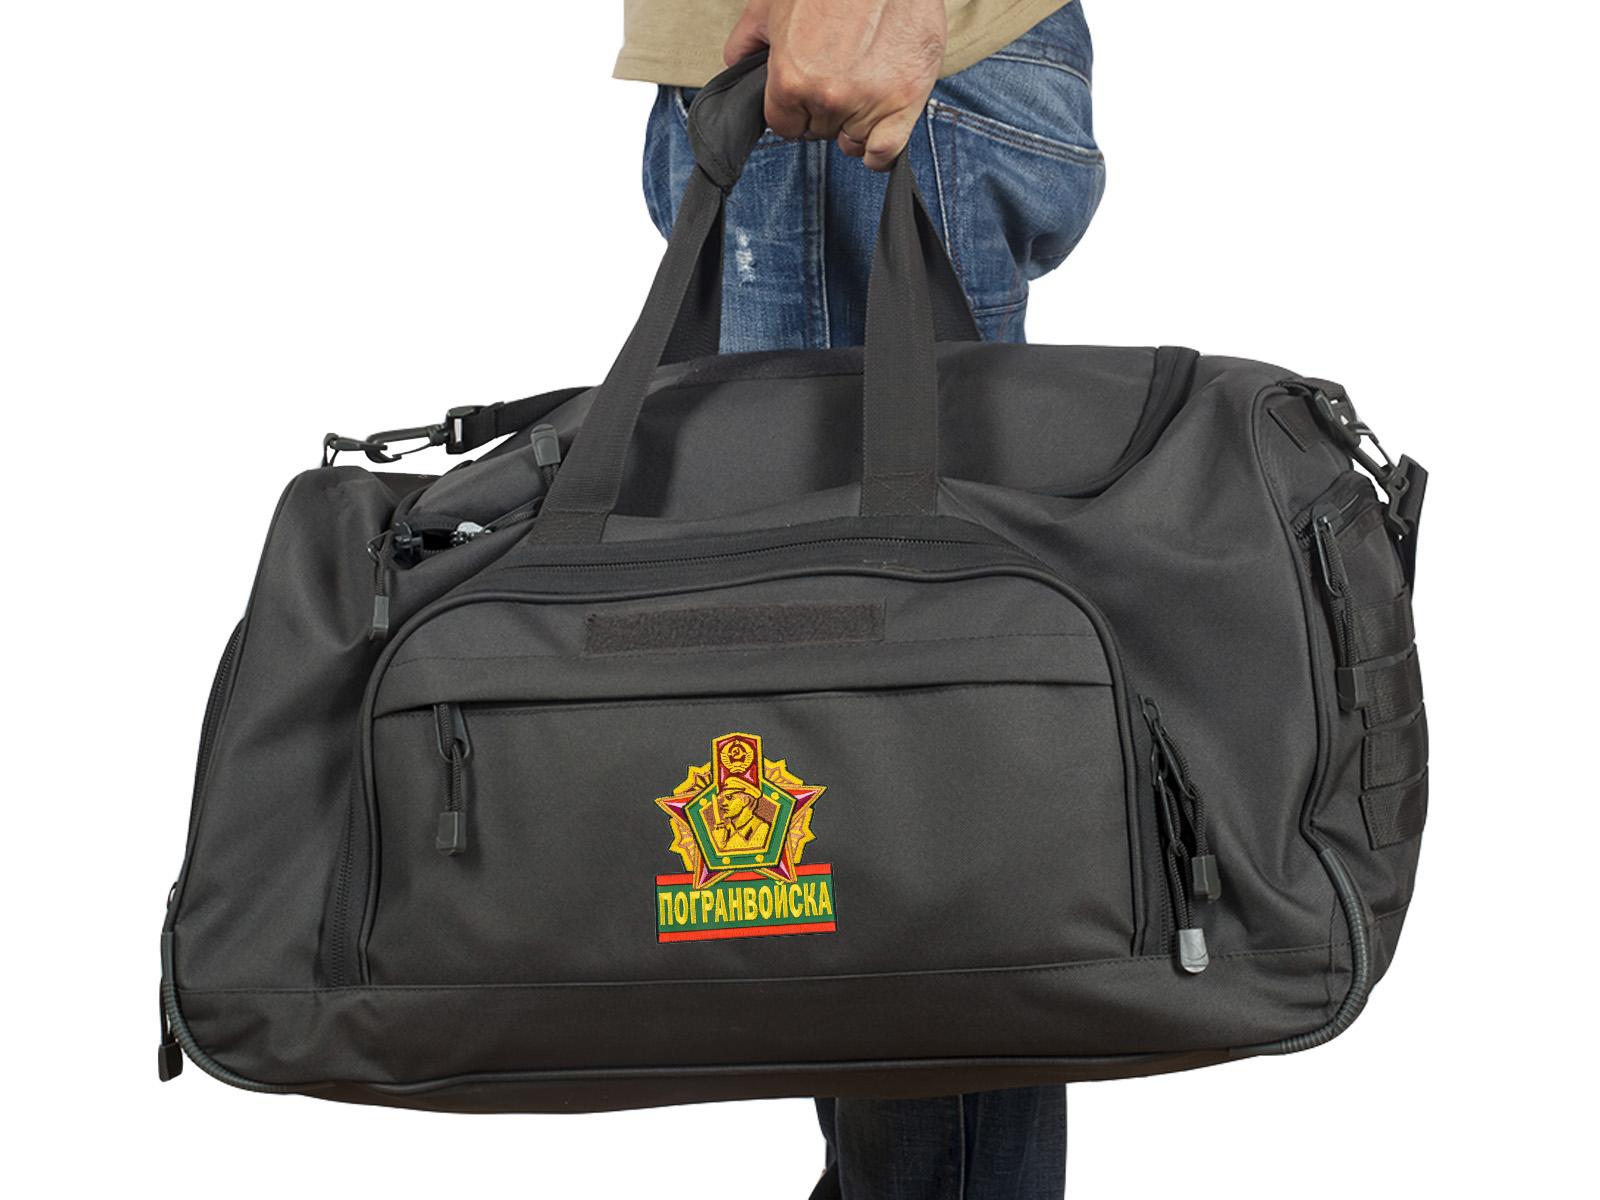 Купить тревожную темную-серую сумку 08032B с нашивкой Погранвойска с доставкой в ваш город